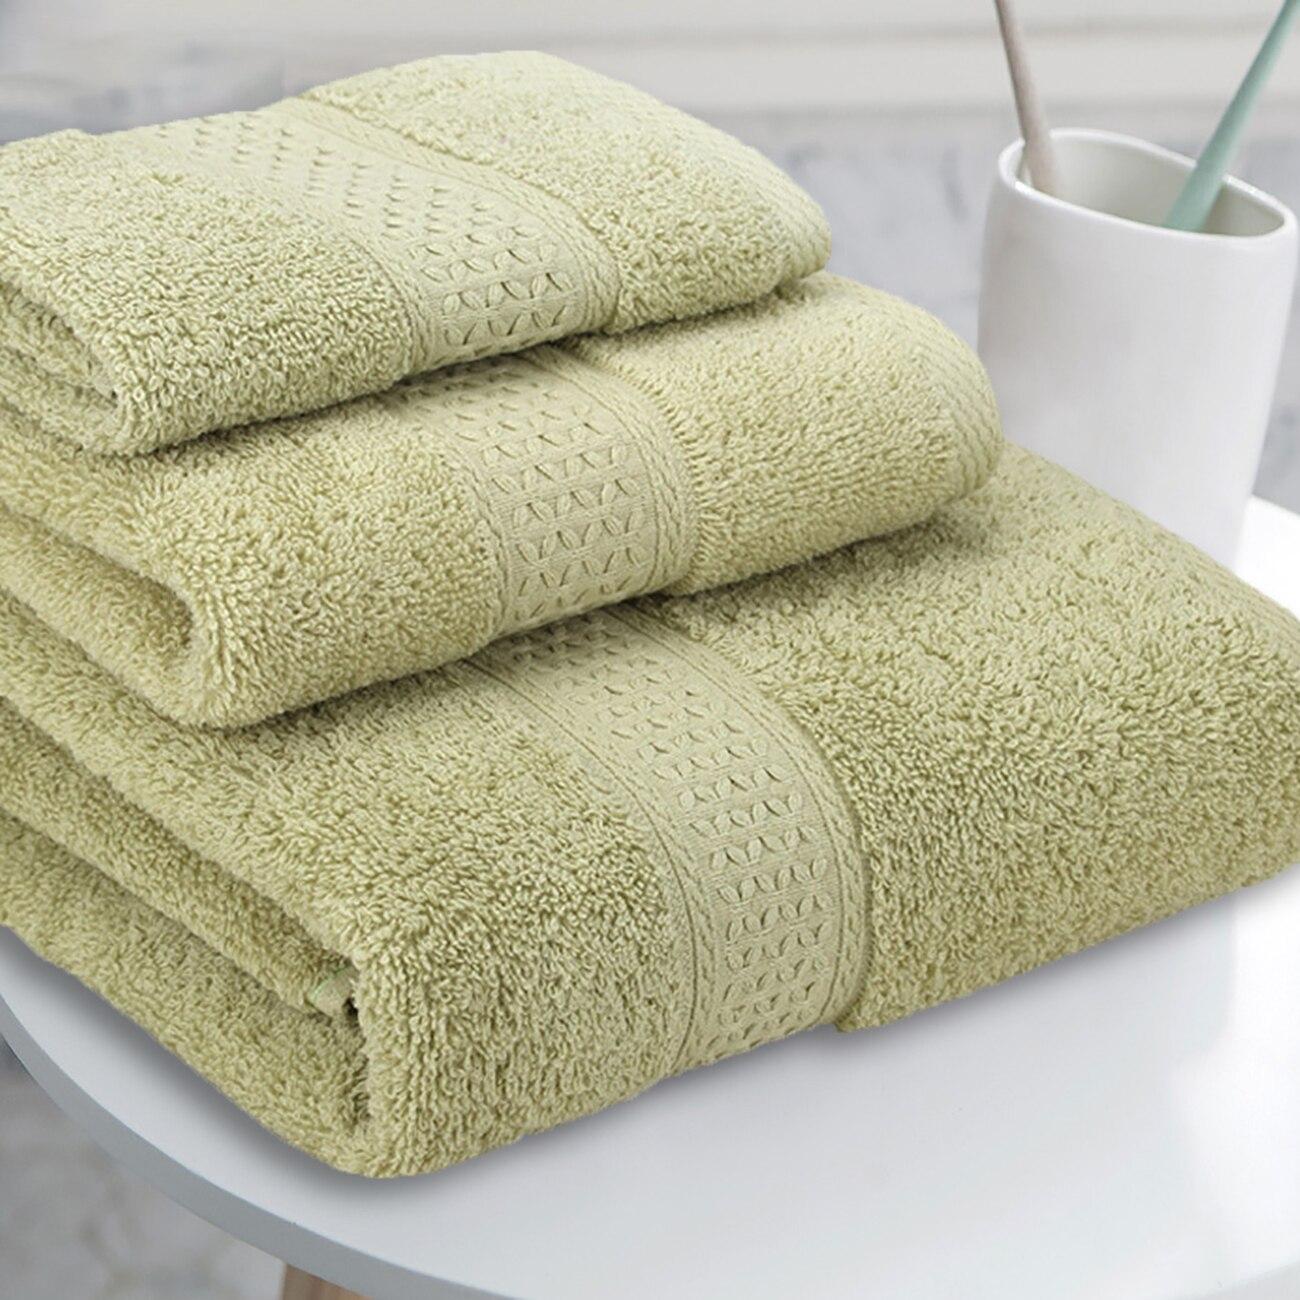 купить комплект полотенец